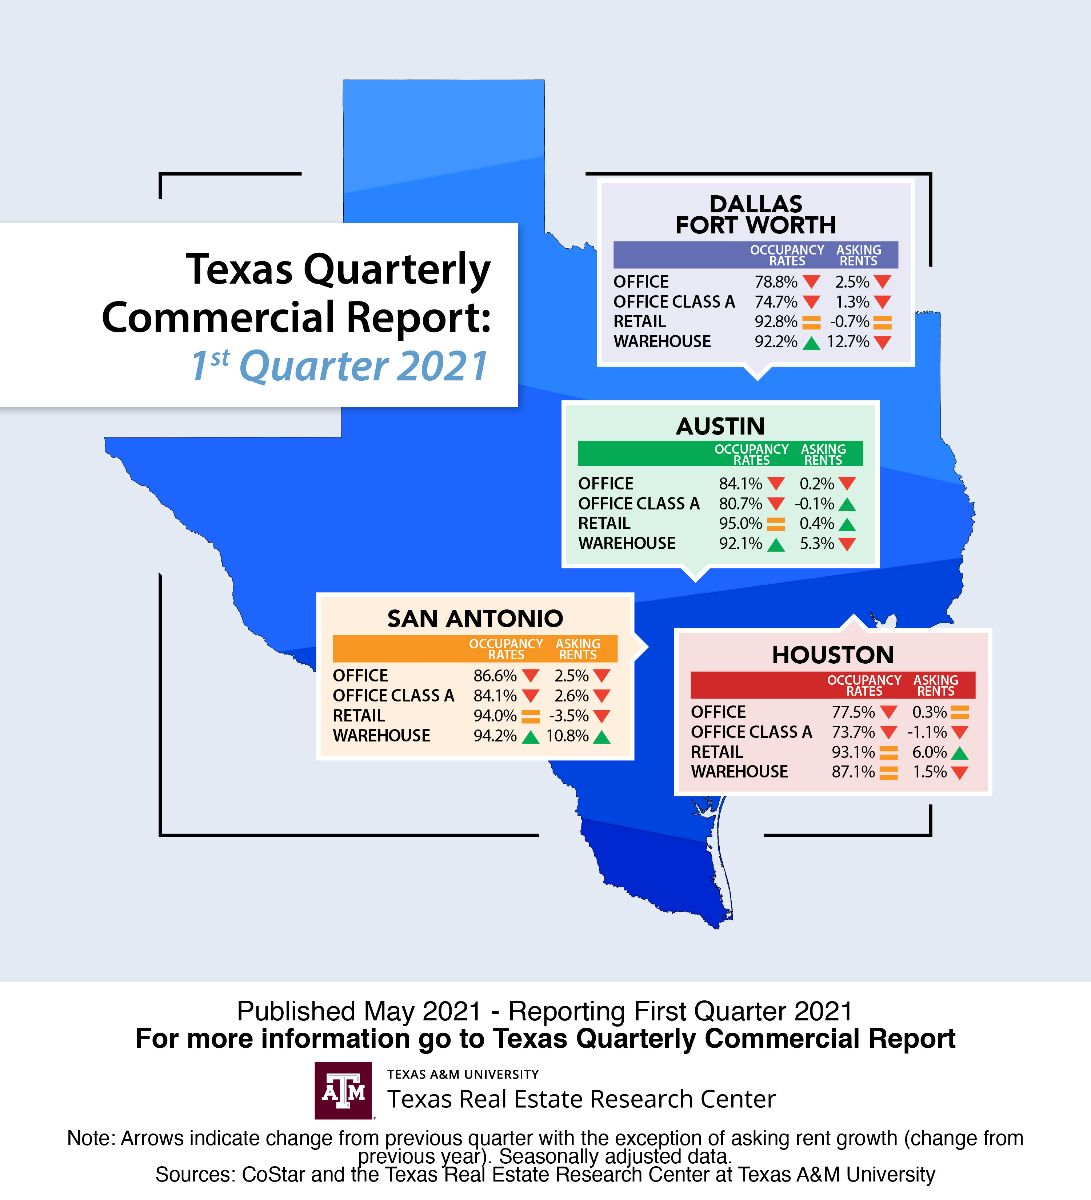 Texas Quarterly Commercial Report: 1st Quarter 2021